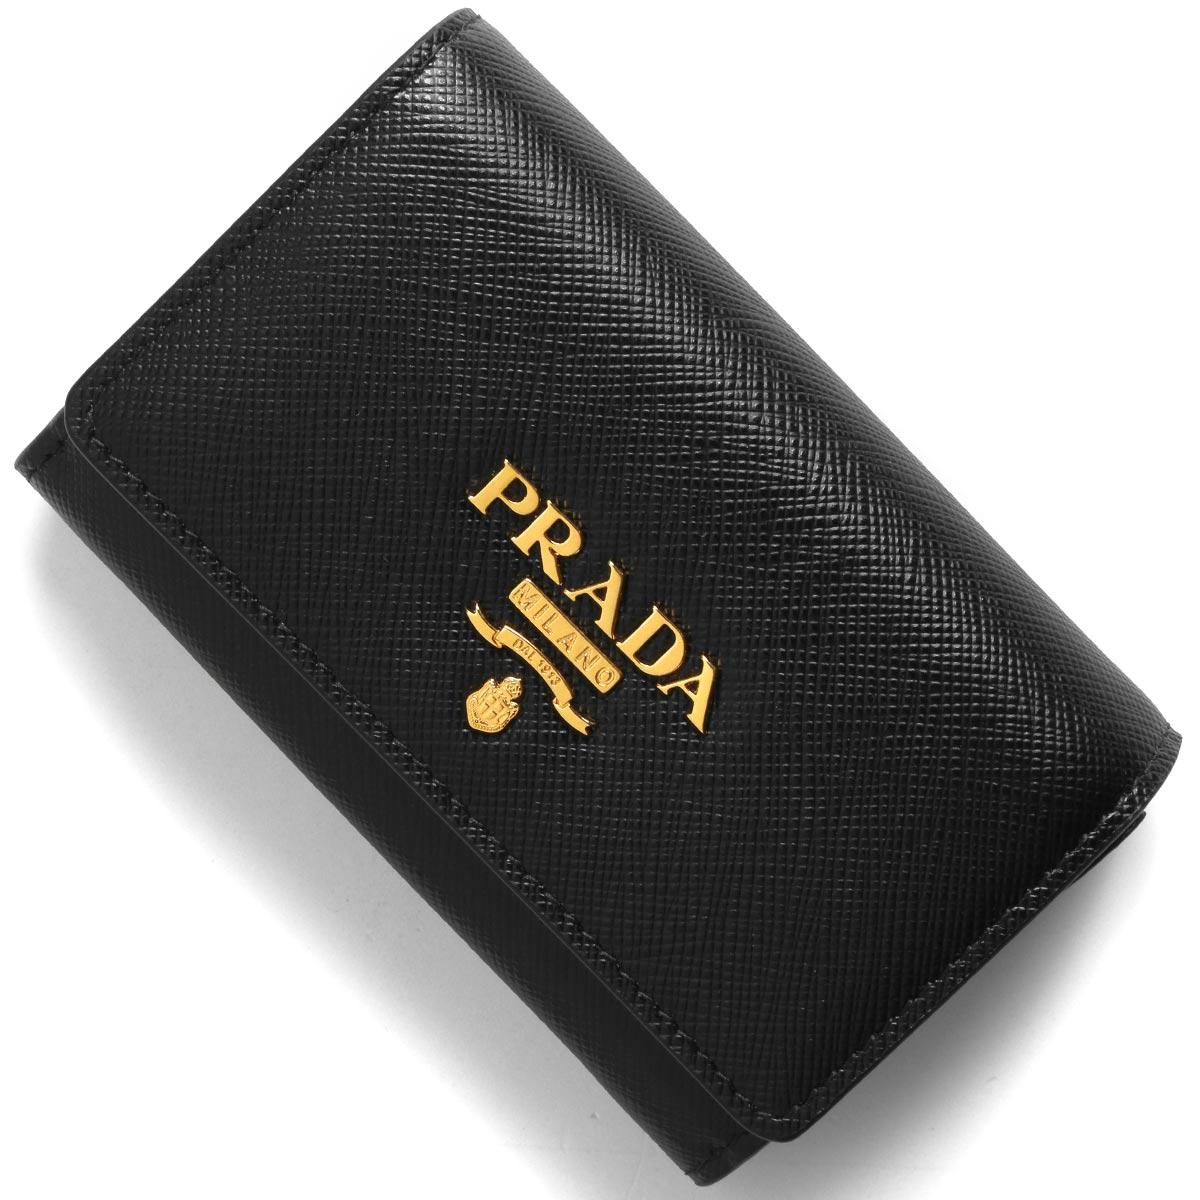 プラダ カードケース/名刺入れ/コインケース レディース サフィアーノ メタル ブラック 1MH027 QWA F0002 PRADA